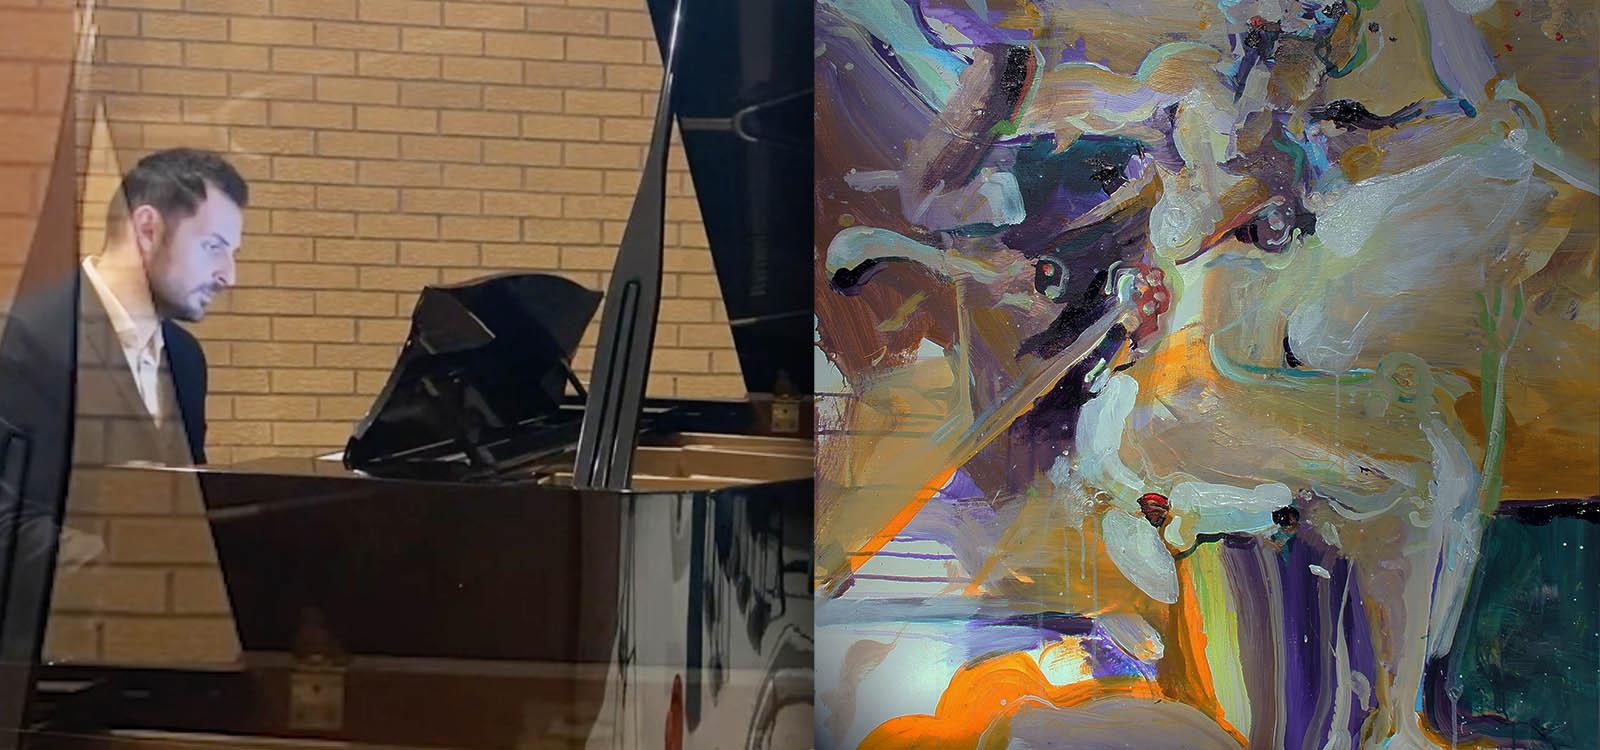 painting inspiration margin alexander coen van ham